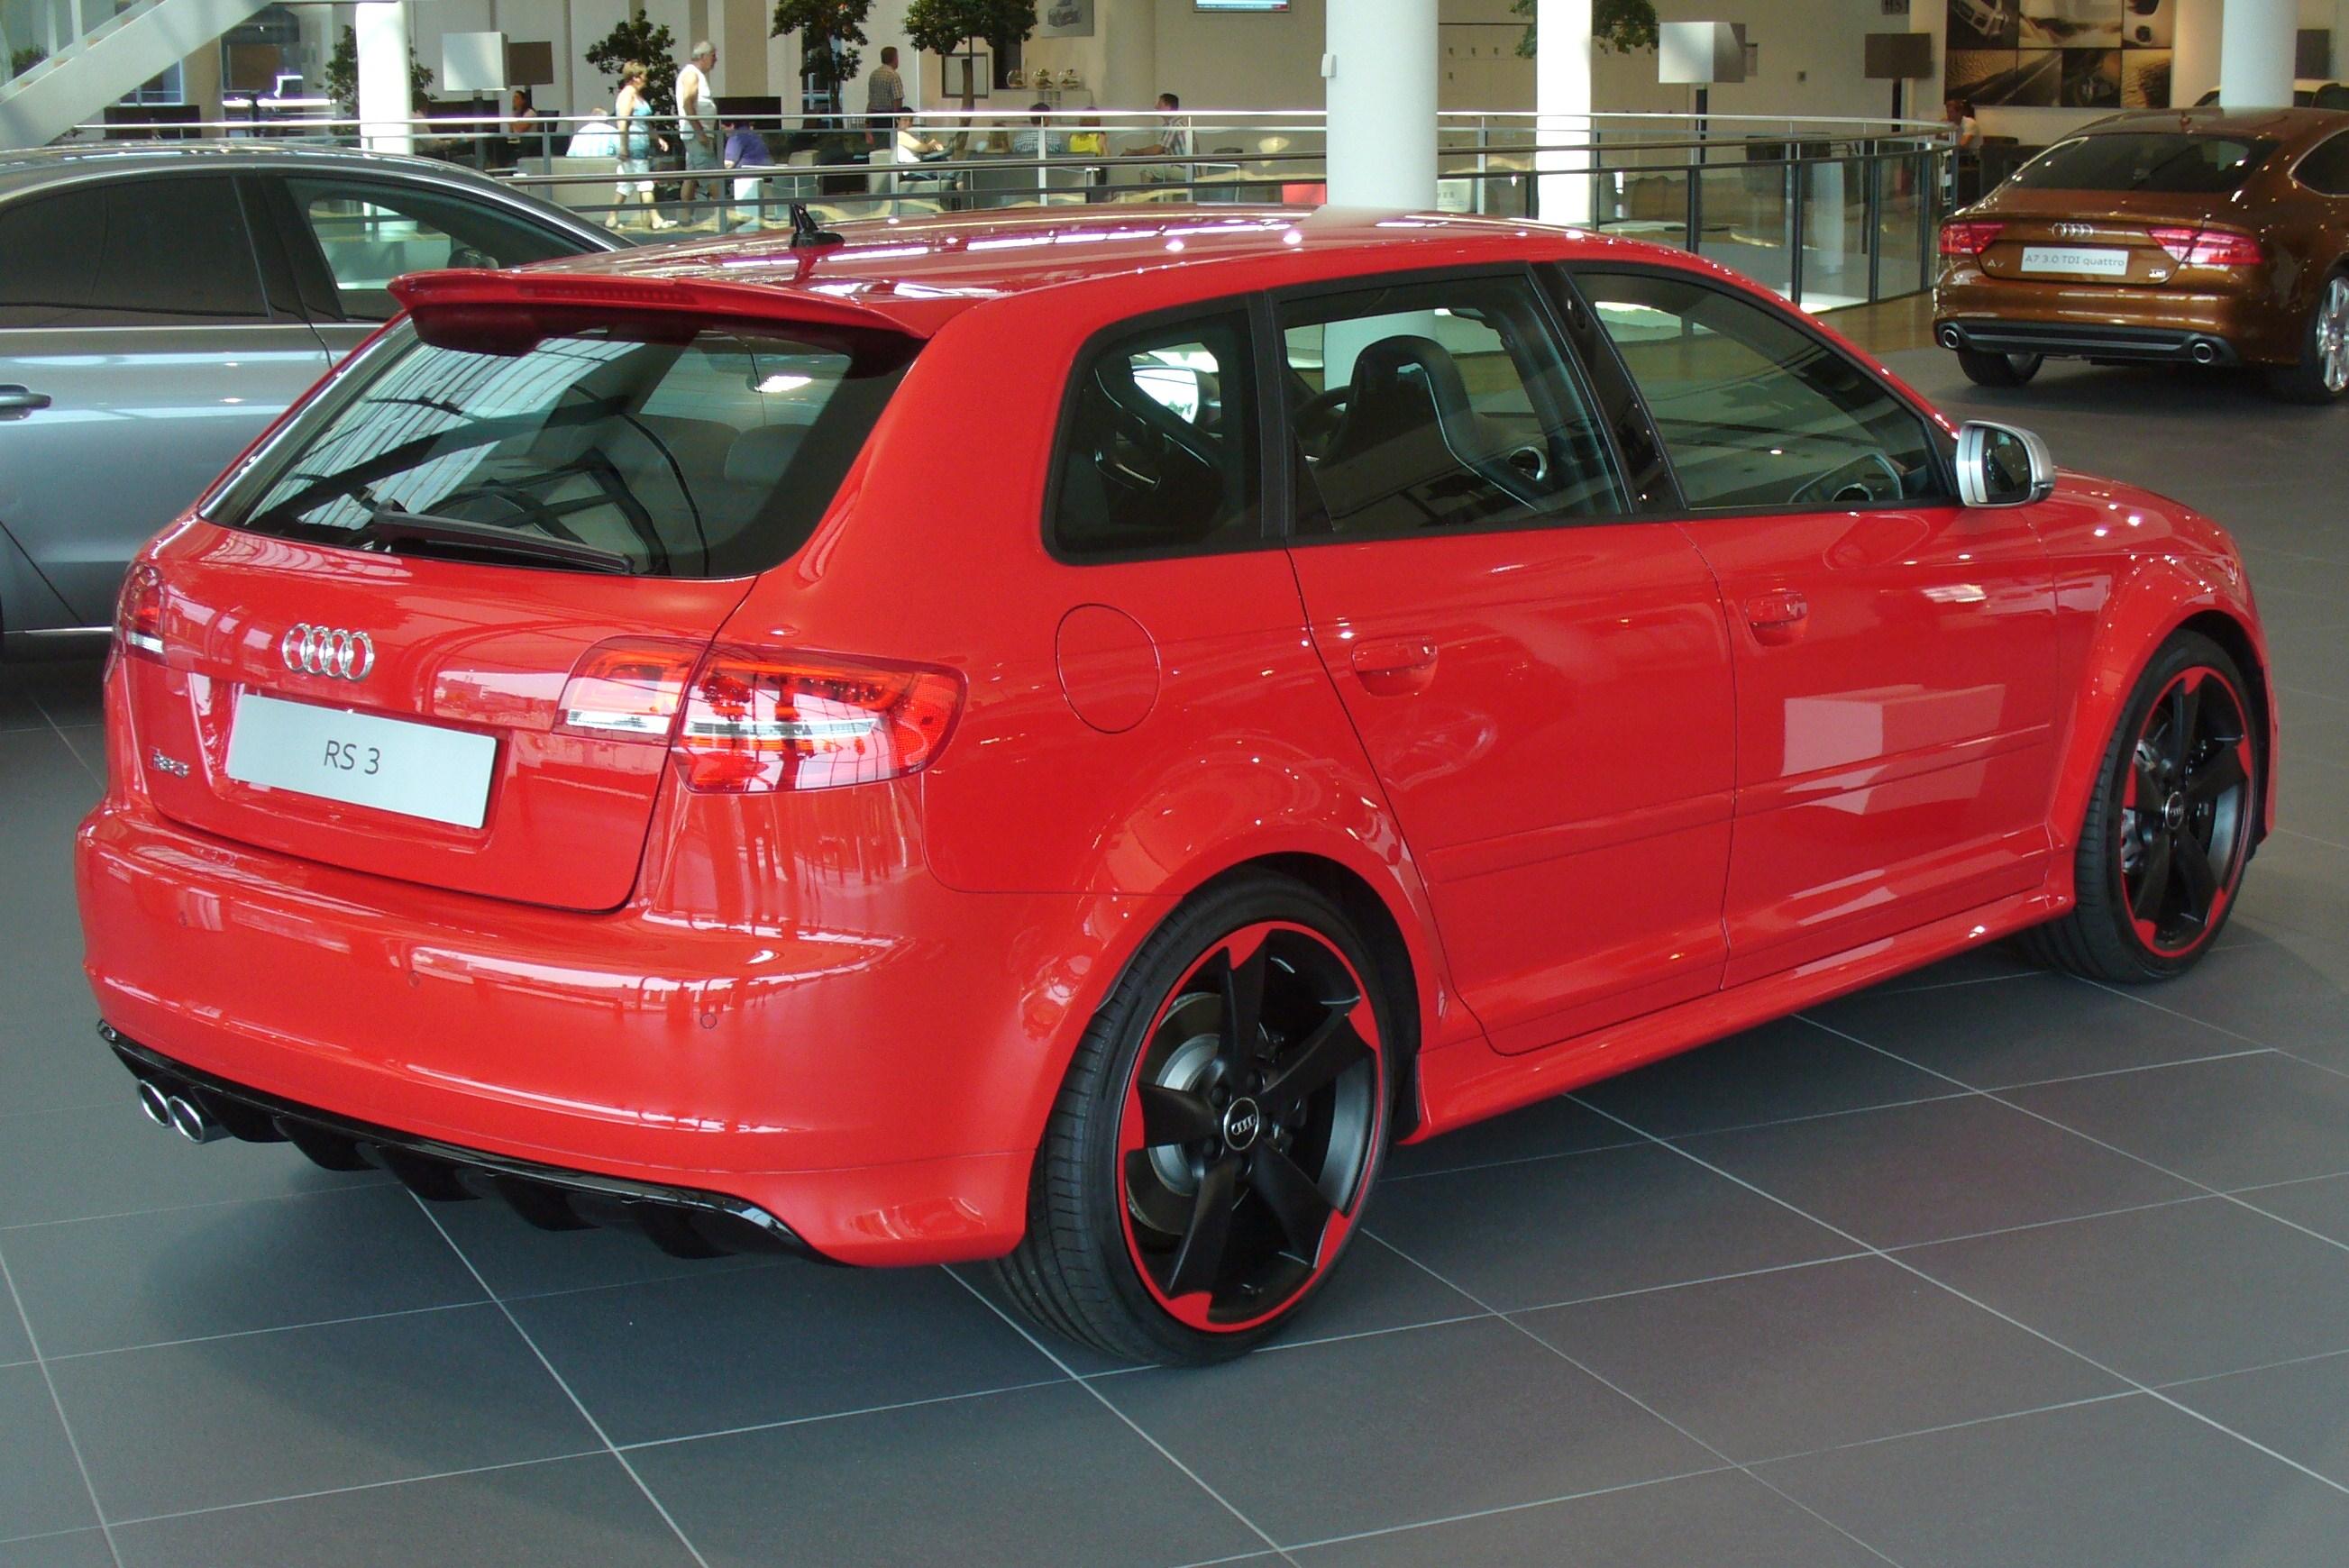 Audi rs3 wiki plugs 6